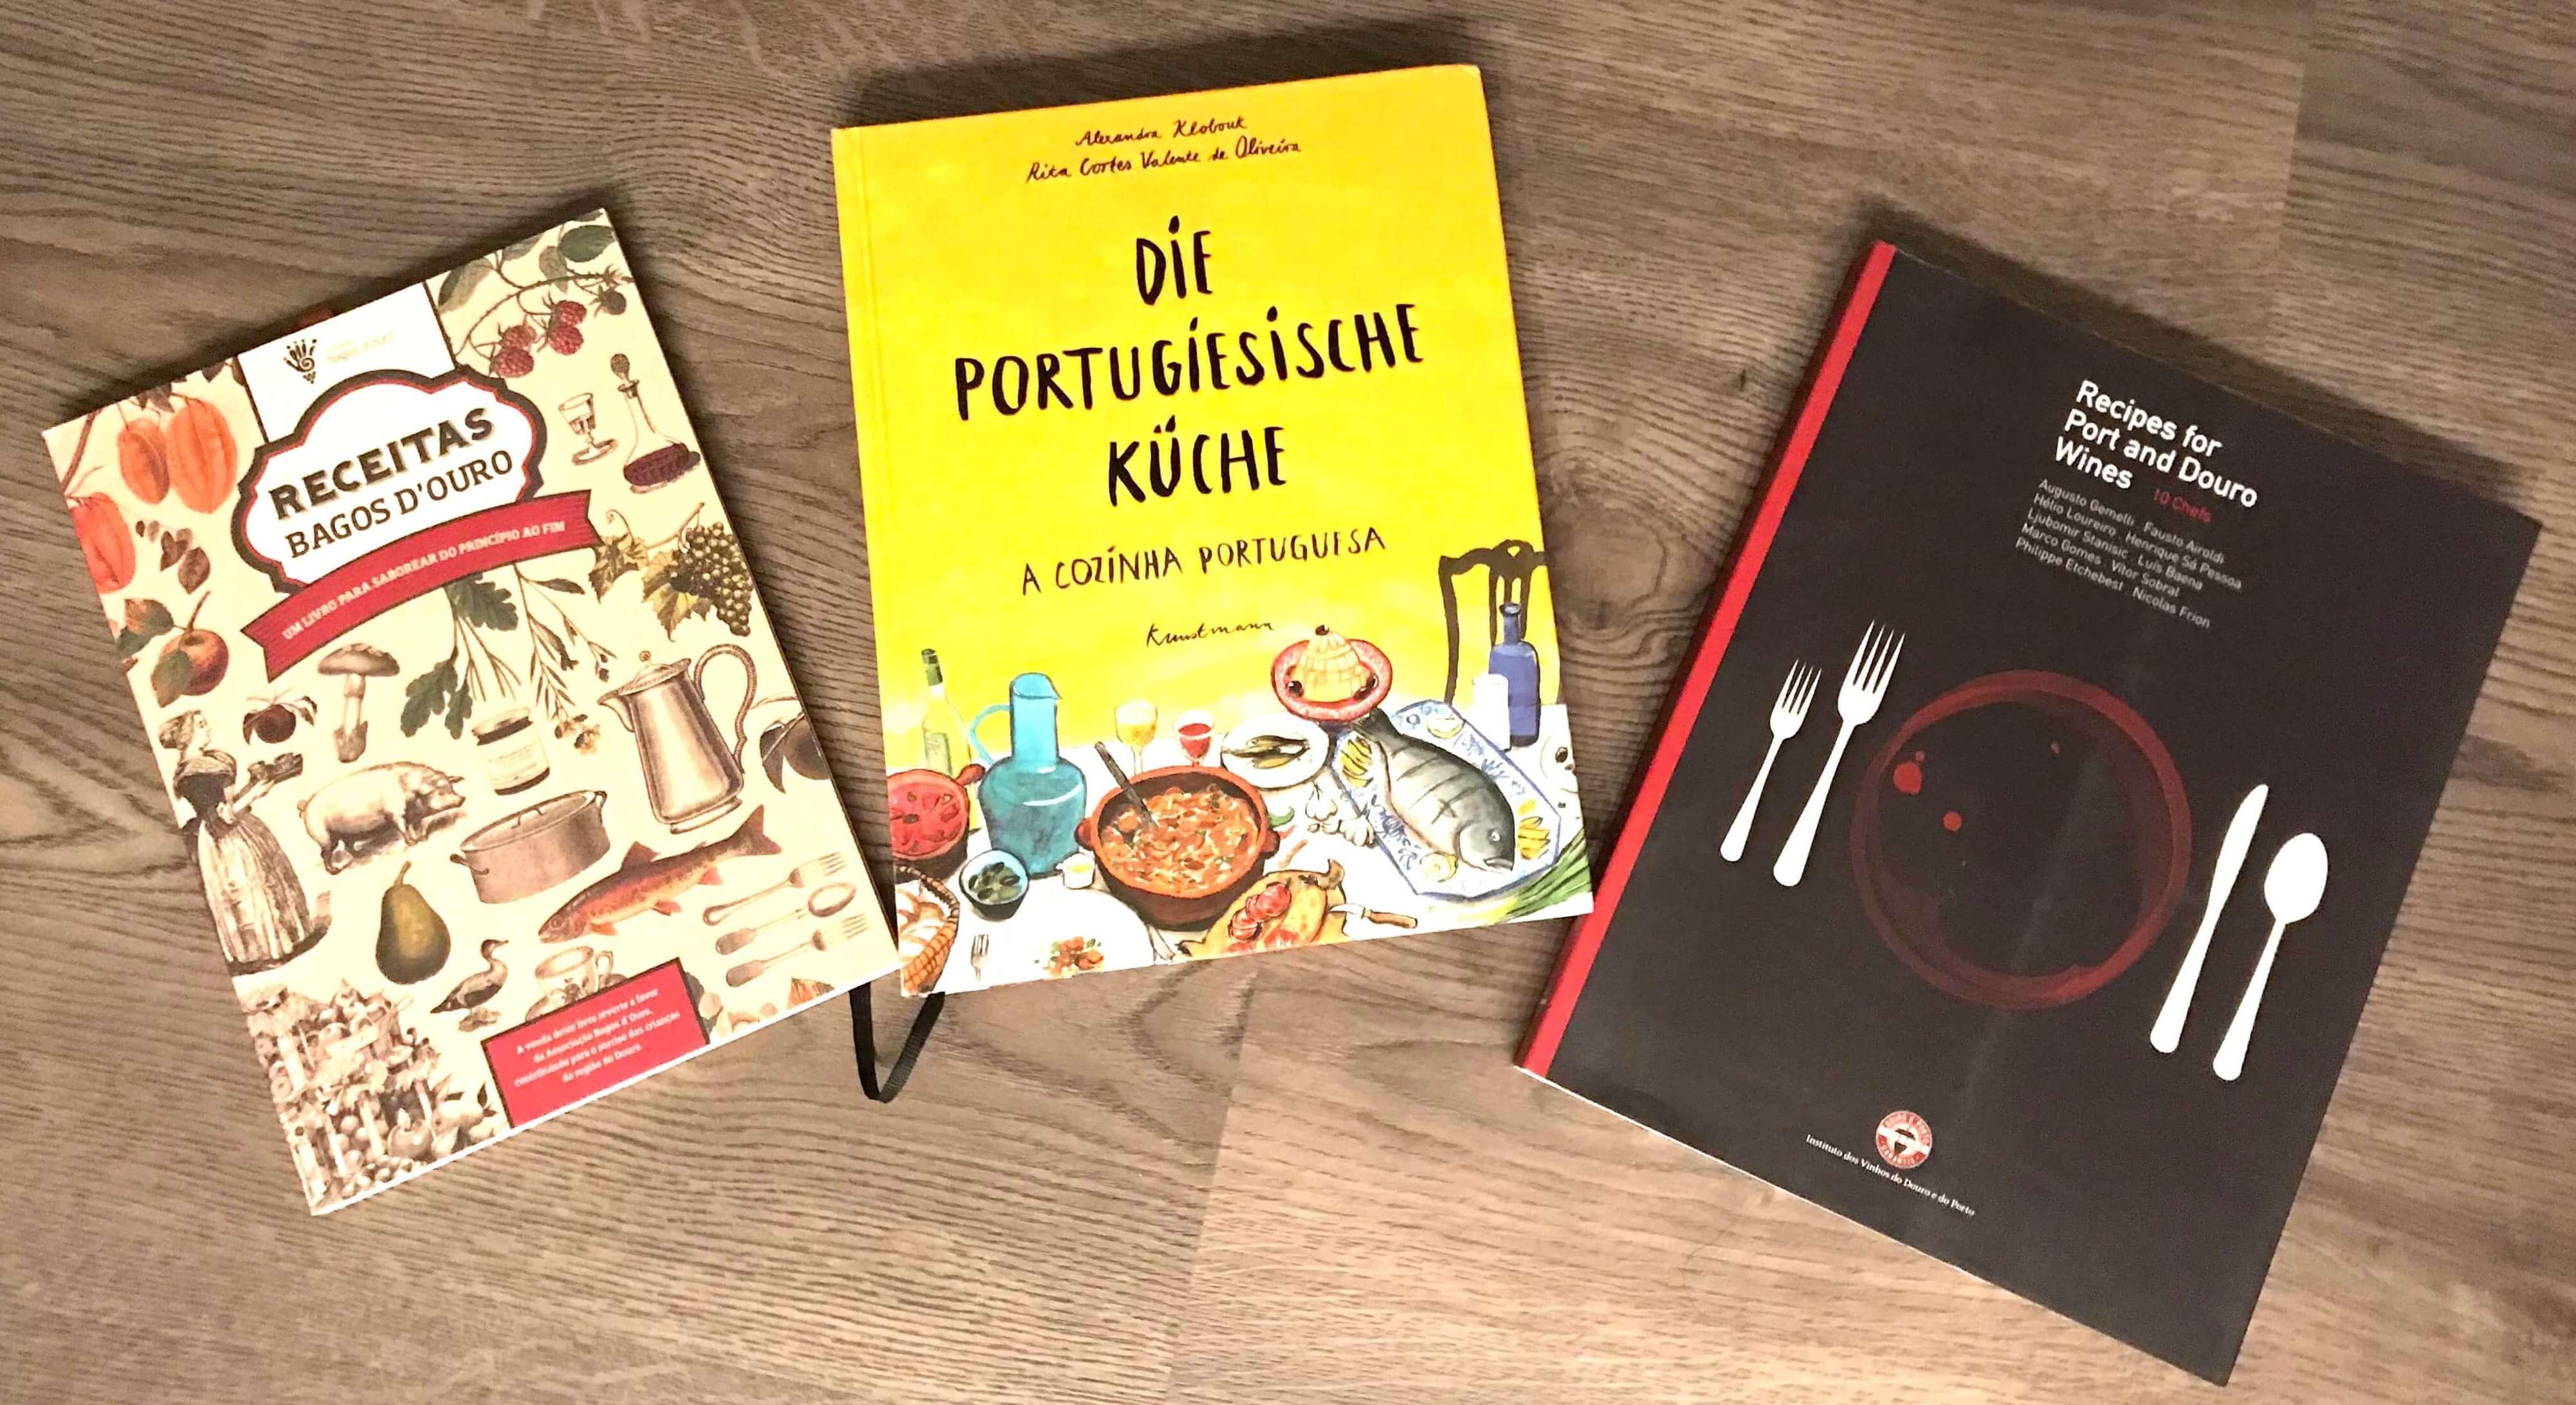 Urlaubslektüre für Portugal mal anders: Kulinarisch & vinophil